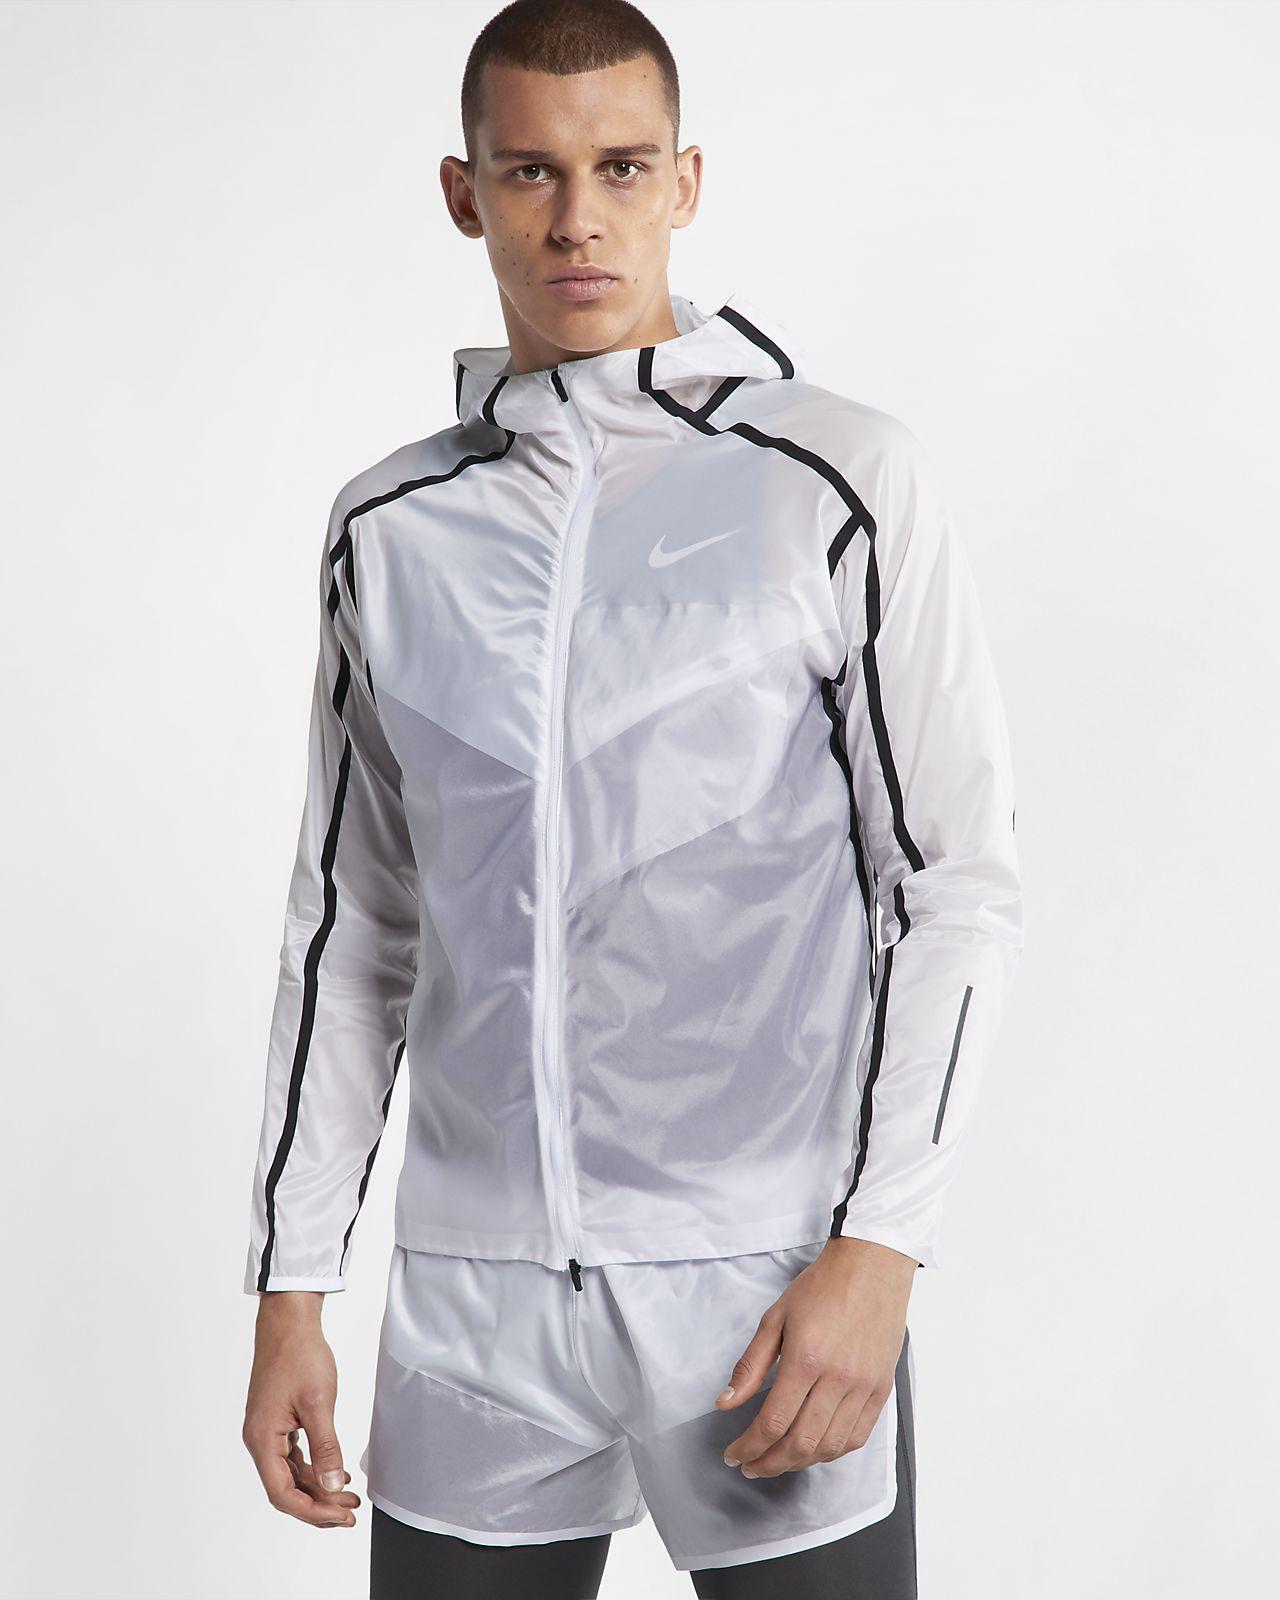 immagini dettagliate tra qualche giorno piuttosto fico Giacca da running Nike Tech Pack - Uomo